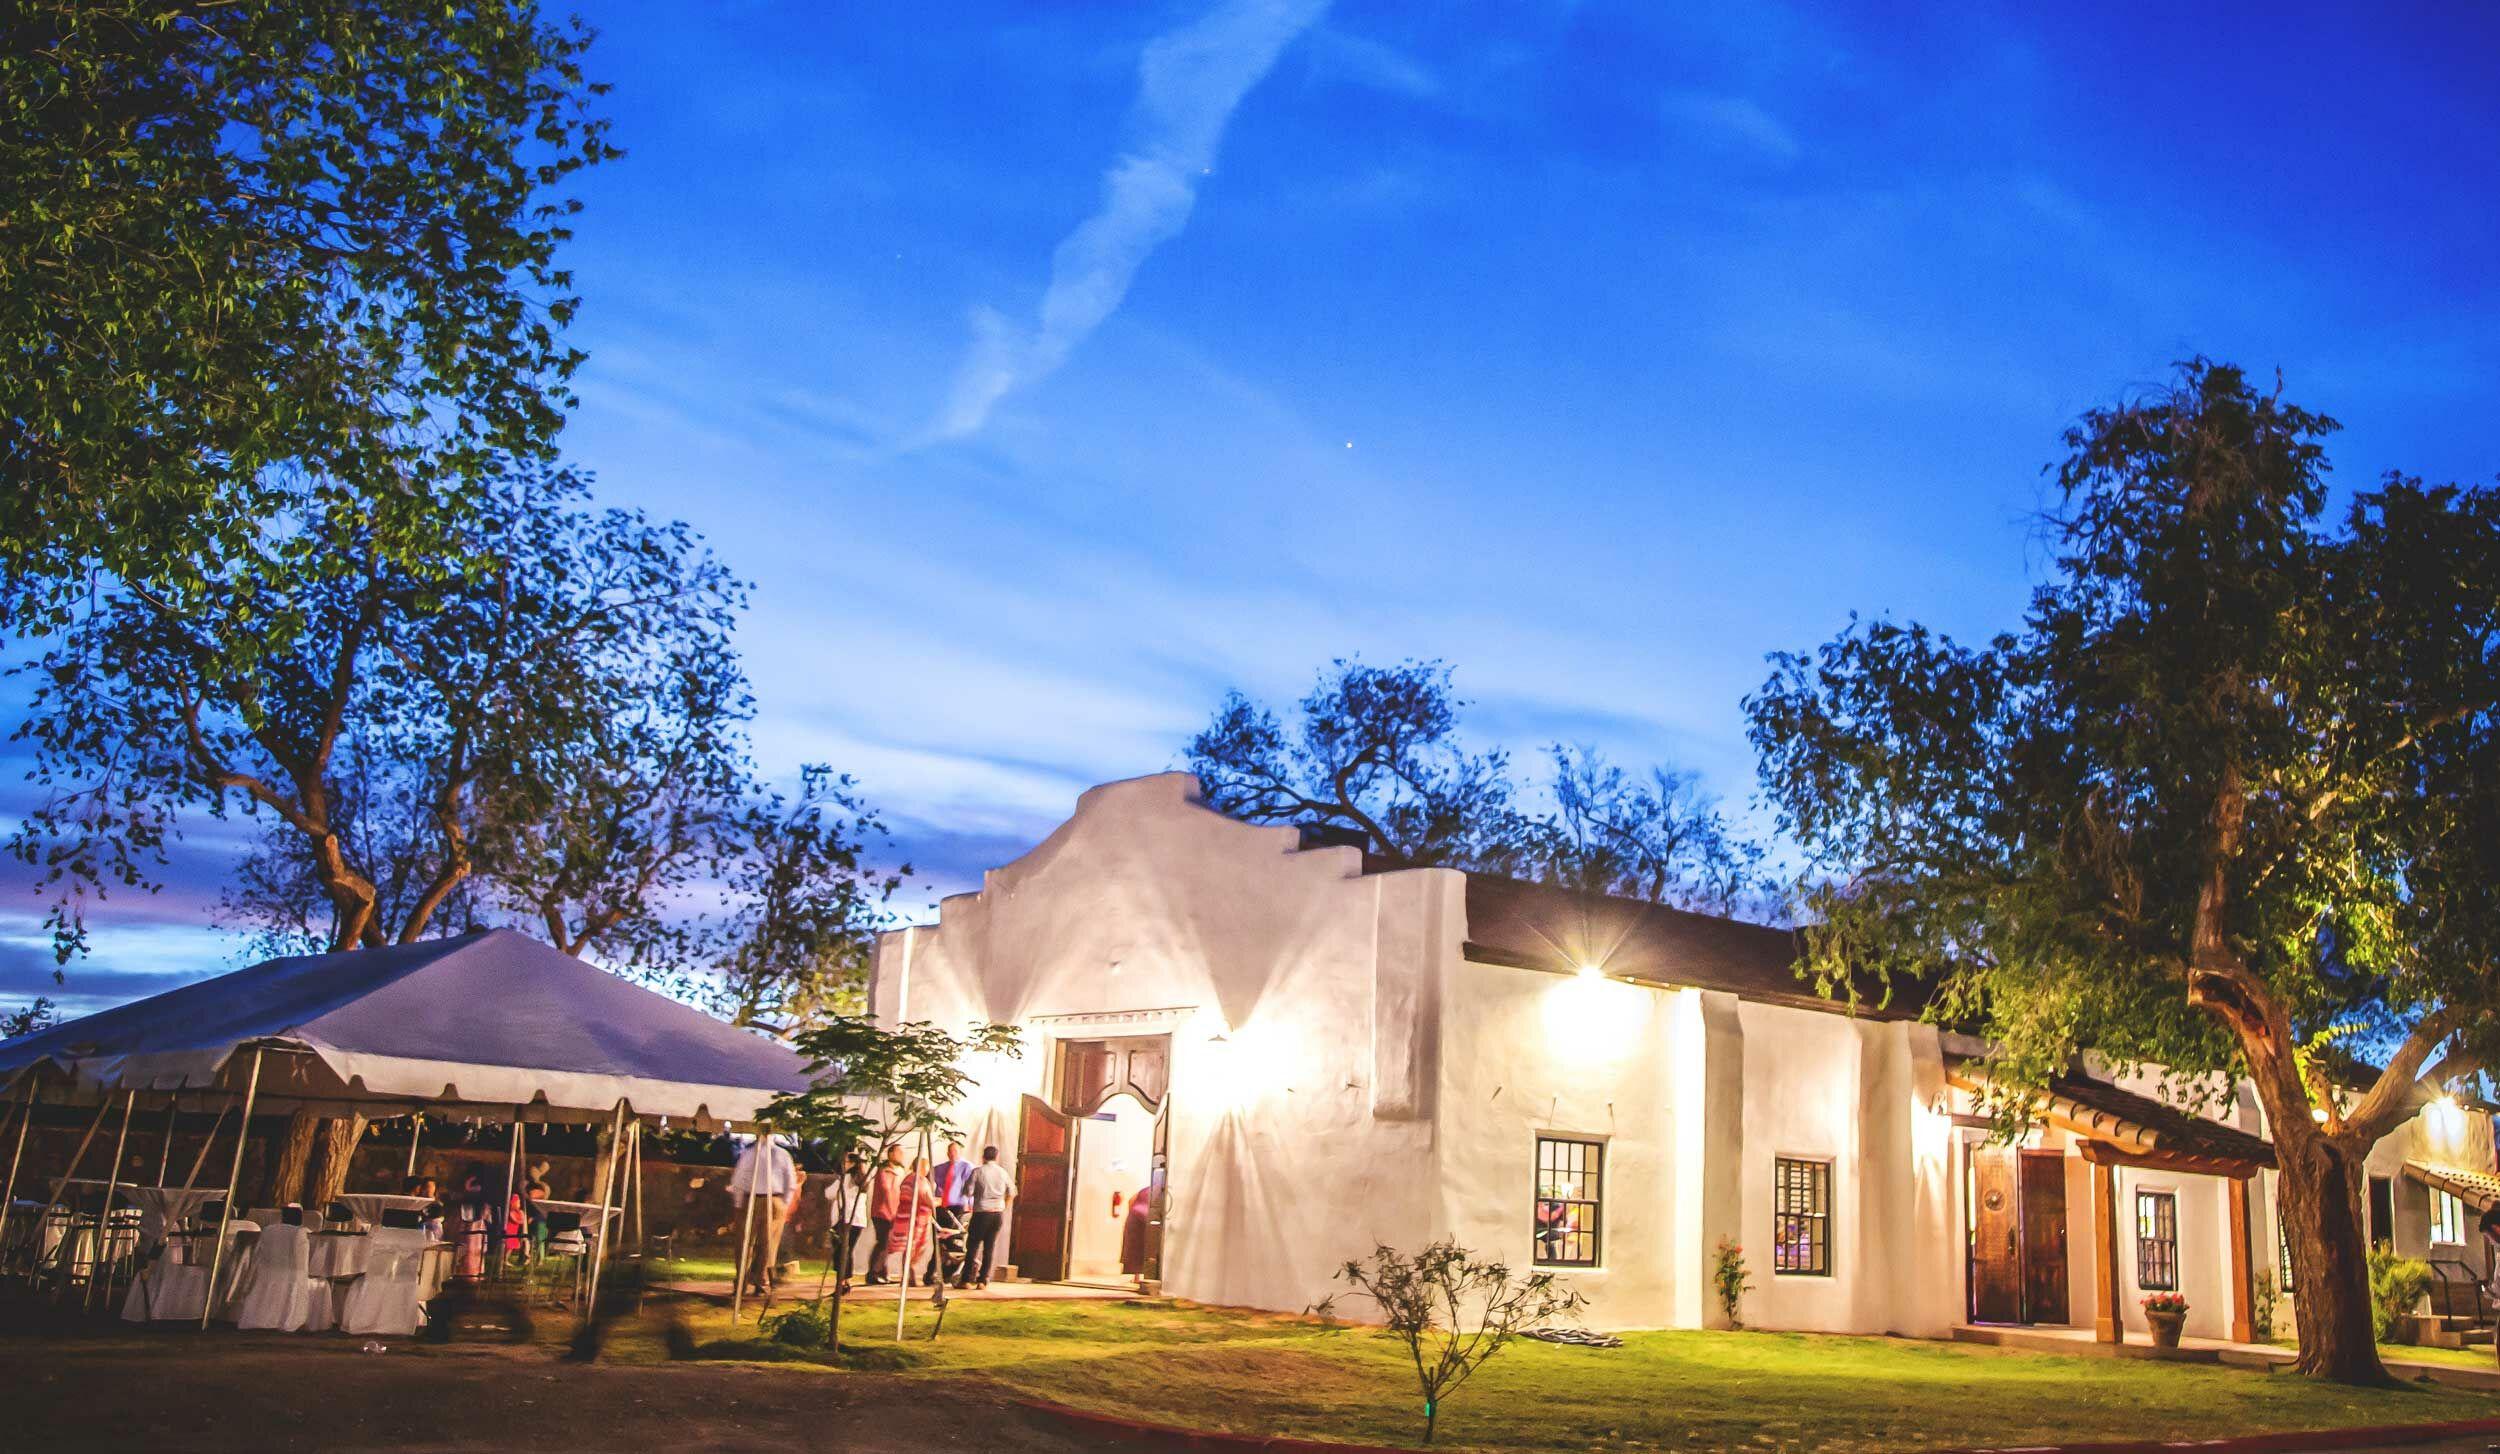 Wedding Invitations El Paso Tx: Reception Venues - El Paso, TX